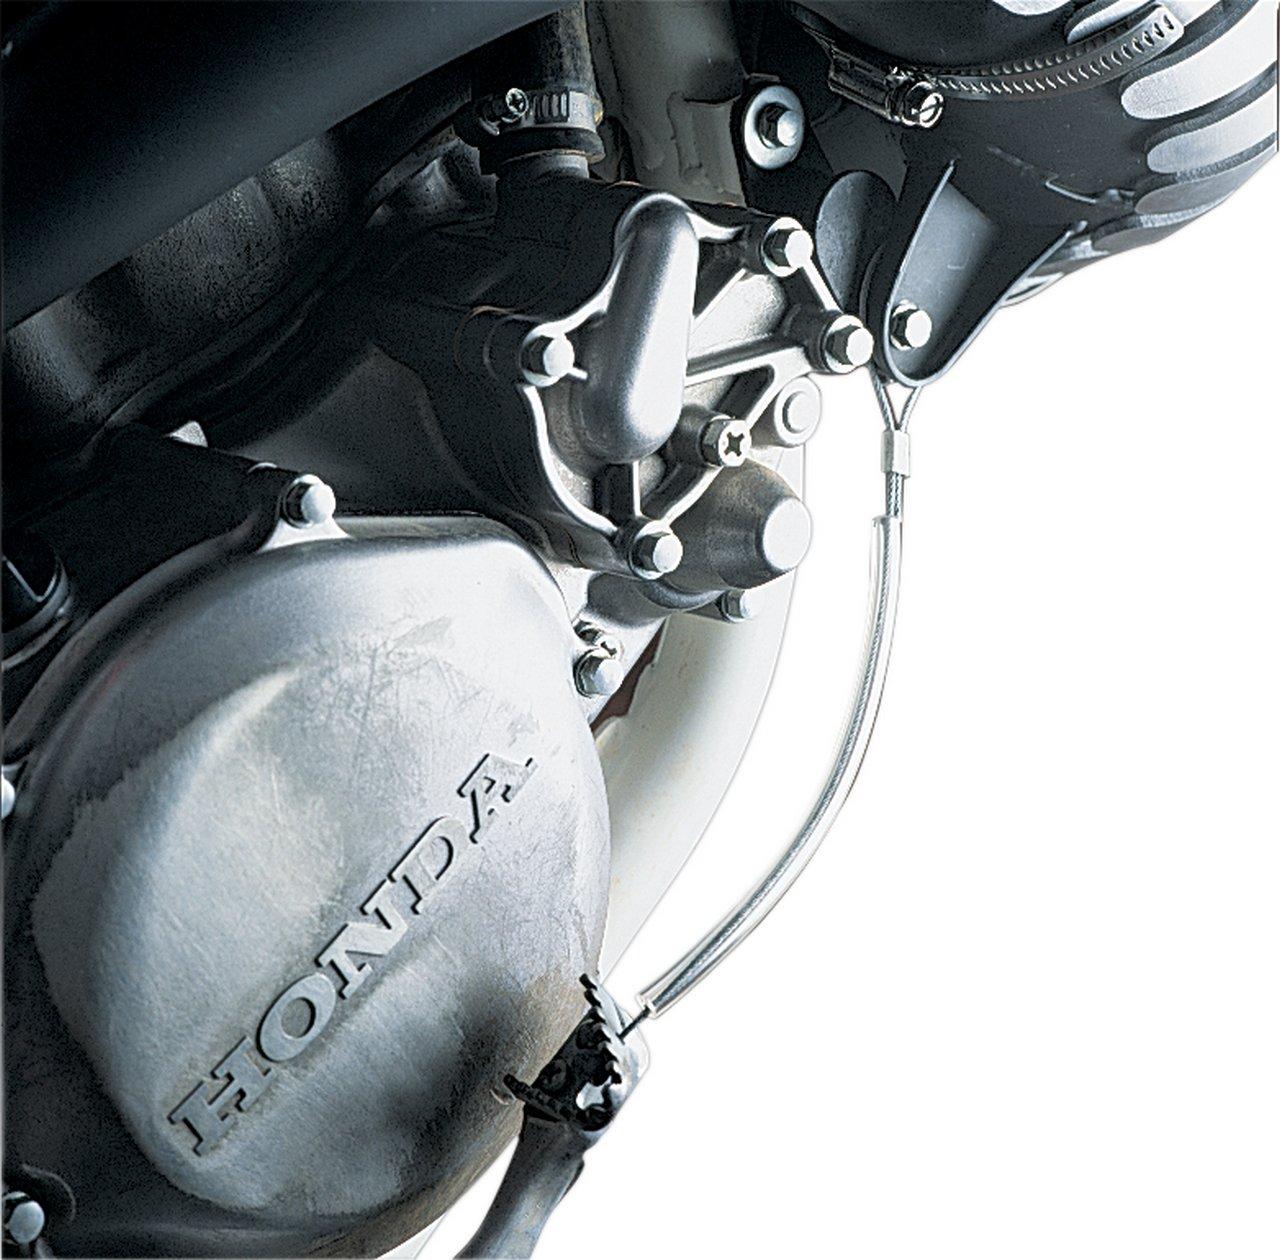 【MOOSE RACING】腳踏護板 [MH05] - 「Webike-摩托百貨」